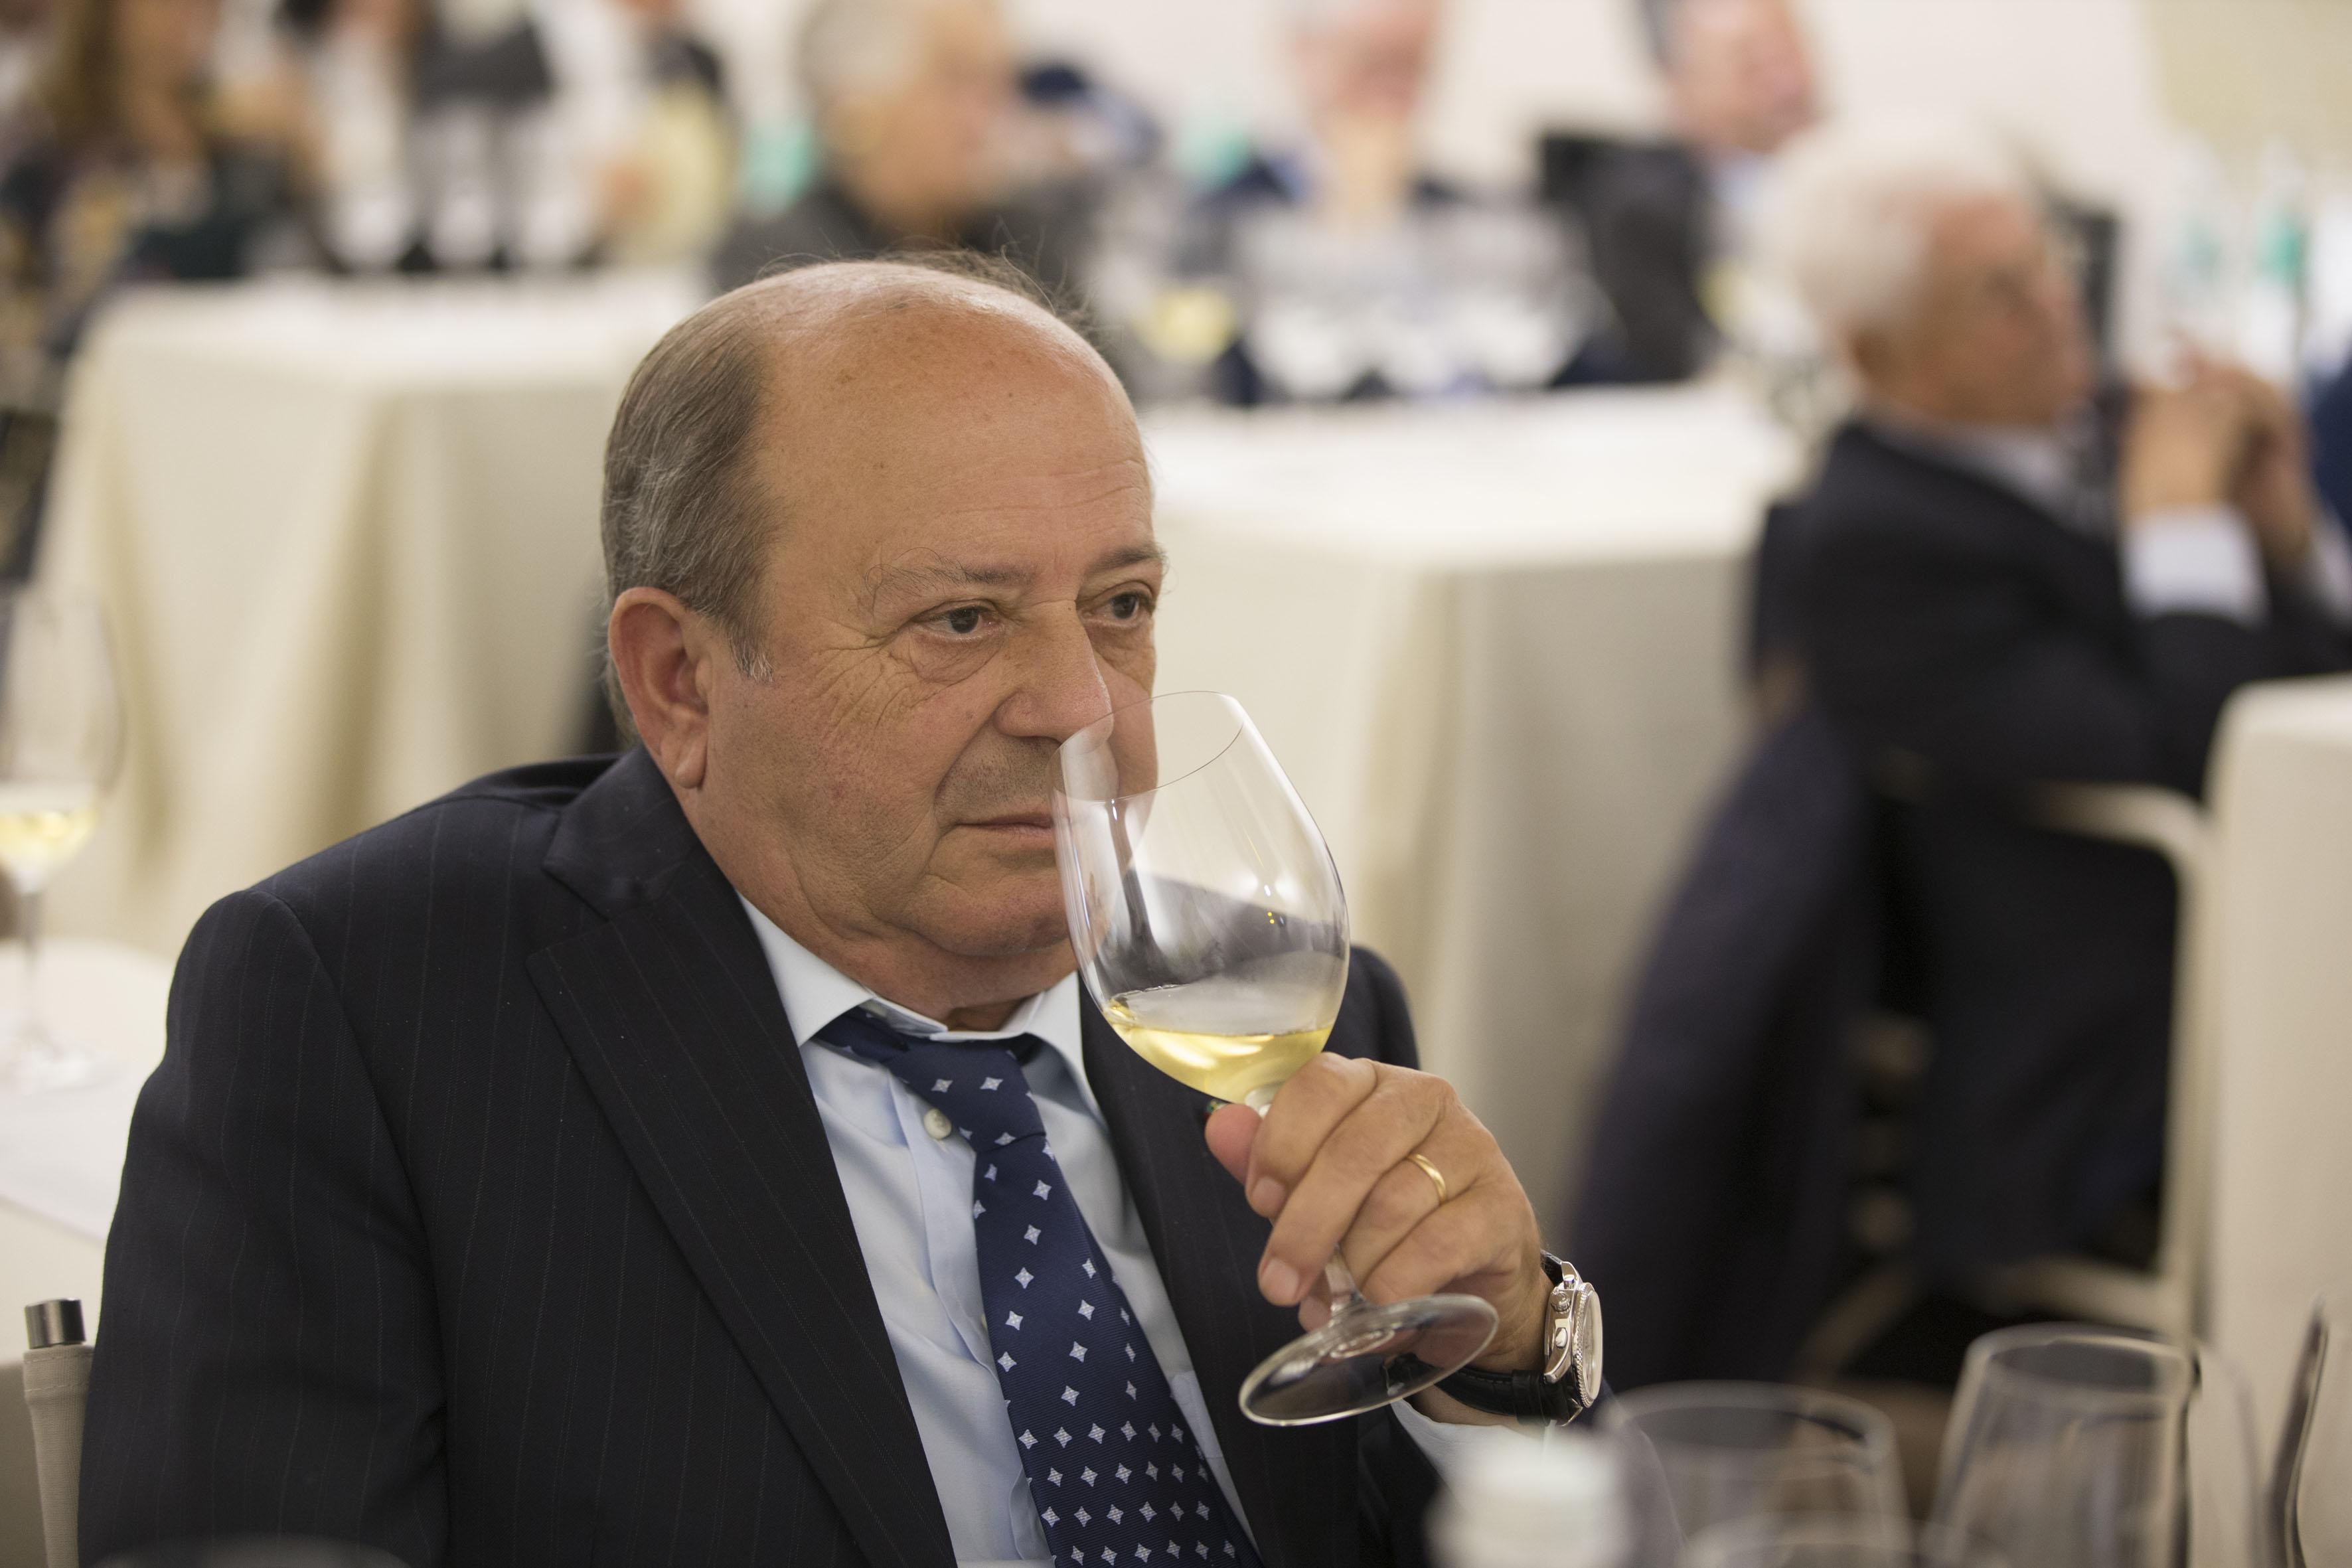 Franco Argiolas